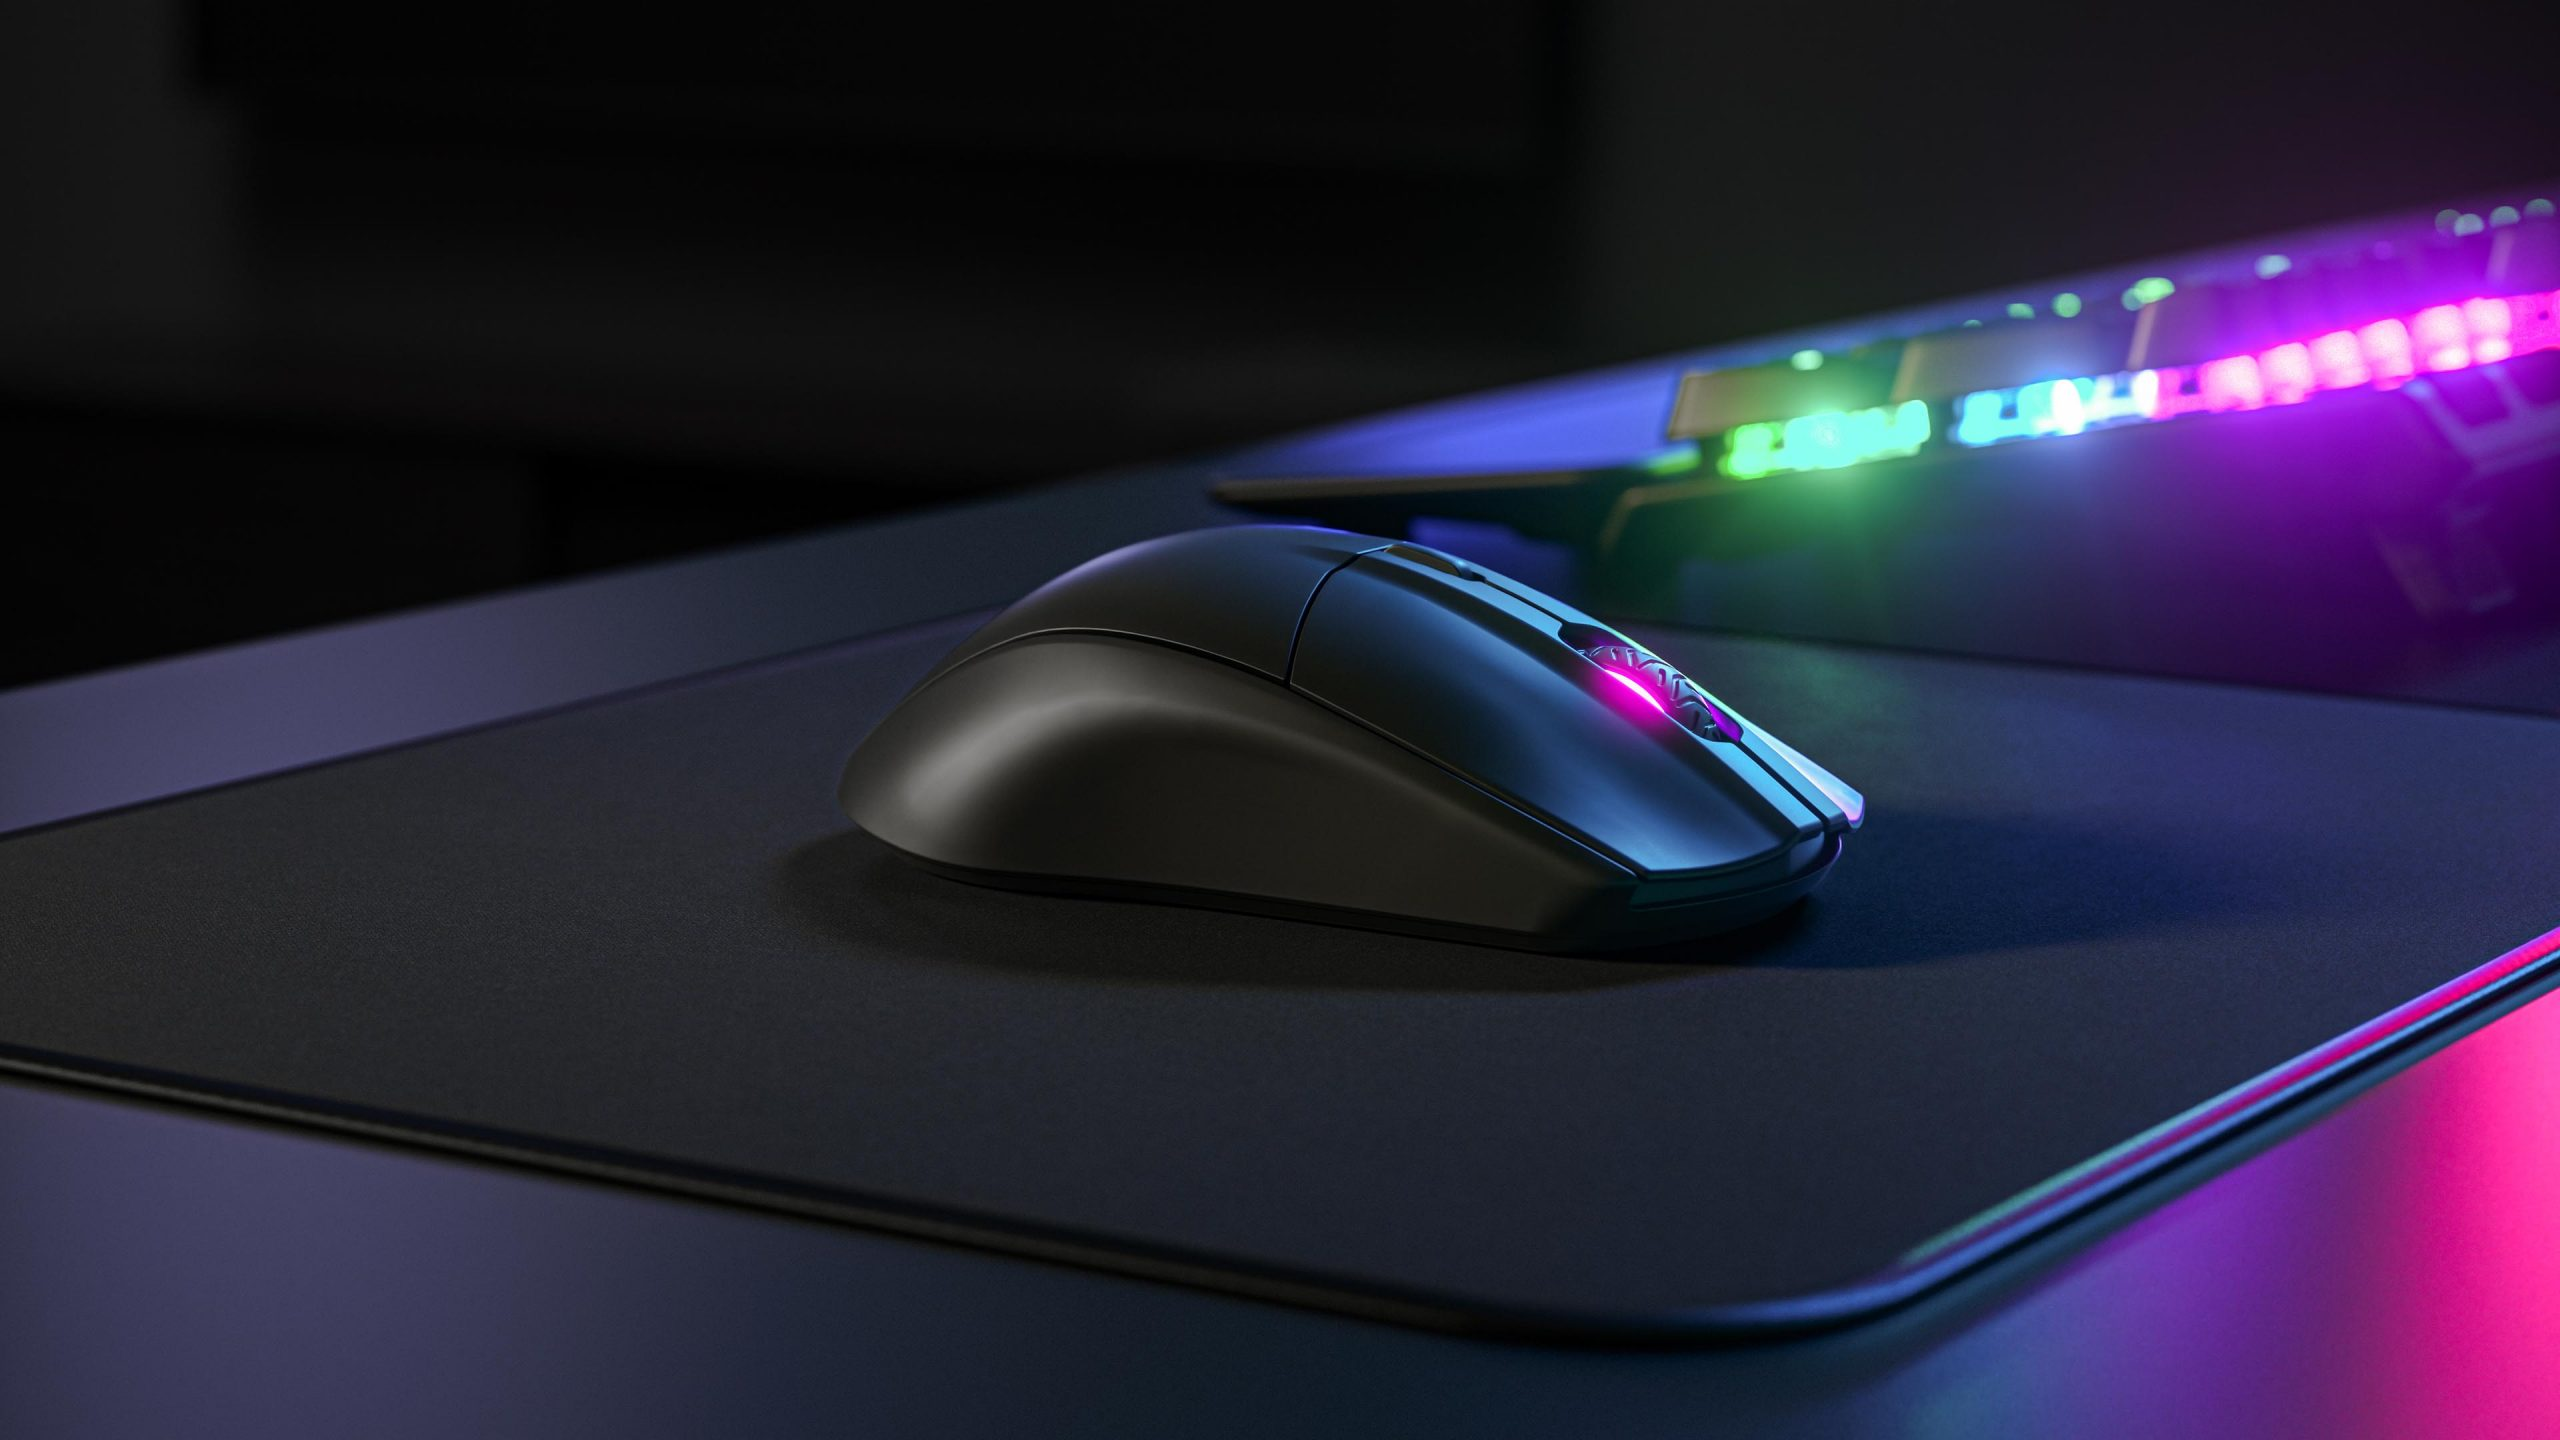 逾 400 小時無間斷持久電量!SteelSeries Rival 3 Wireless 全新無線電競滑鼠